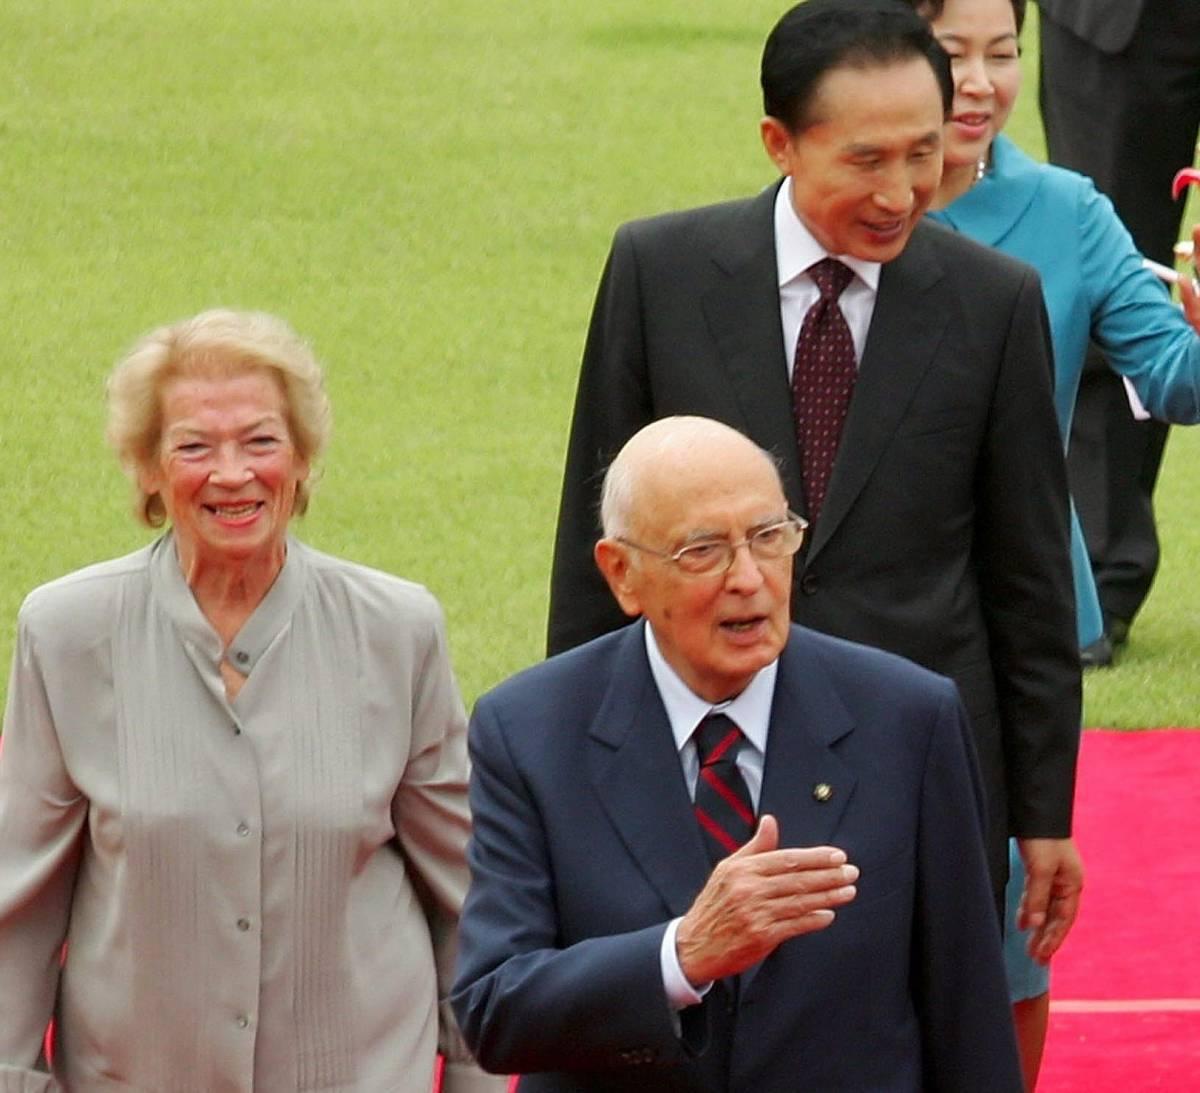 Seul, Clio Napolitano rompe il cerimoniale